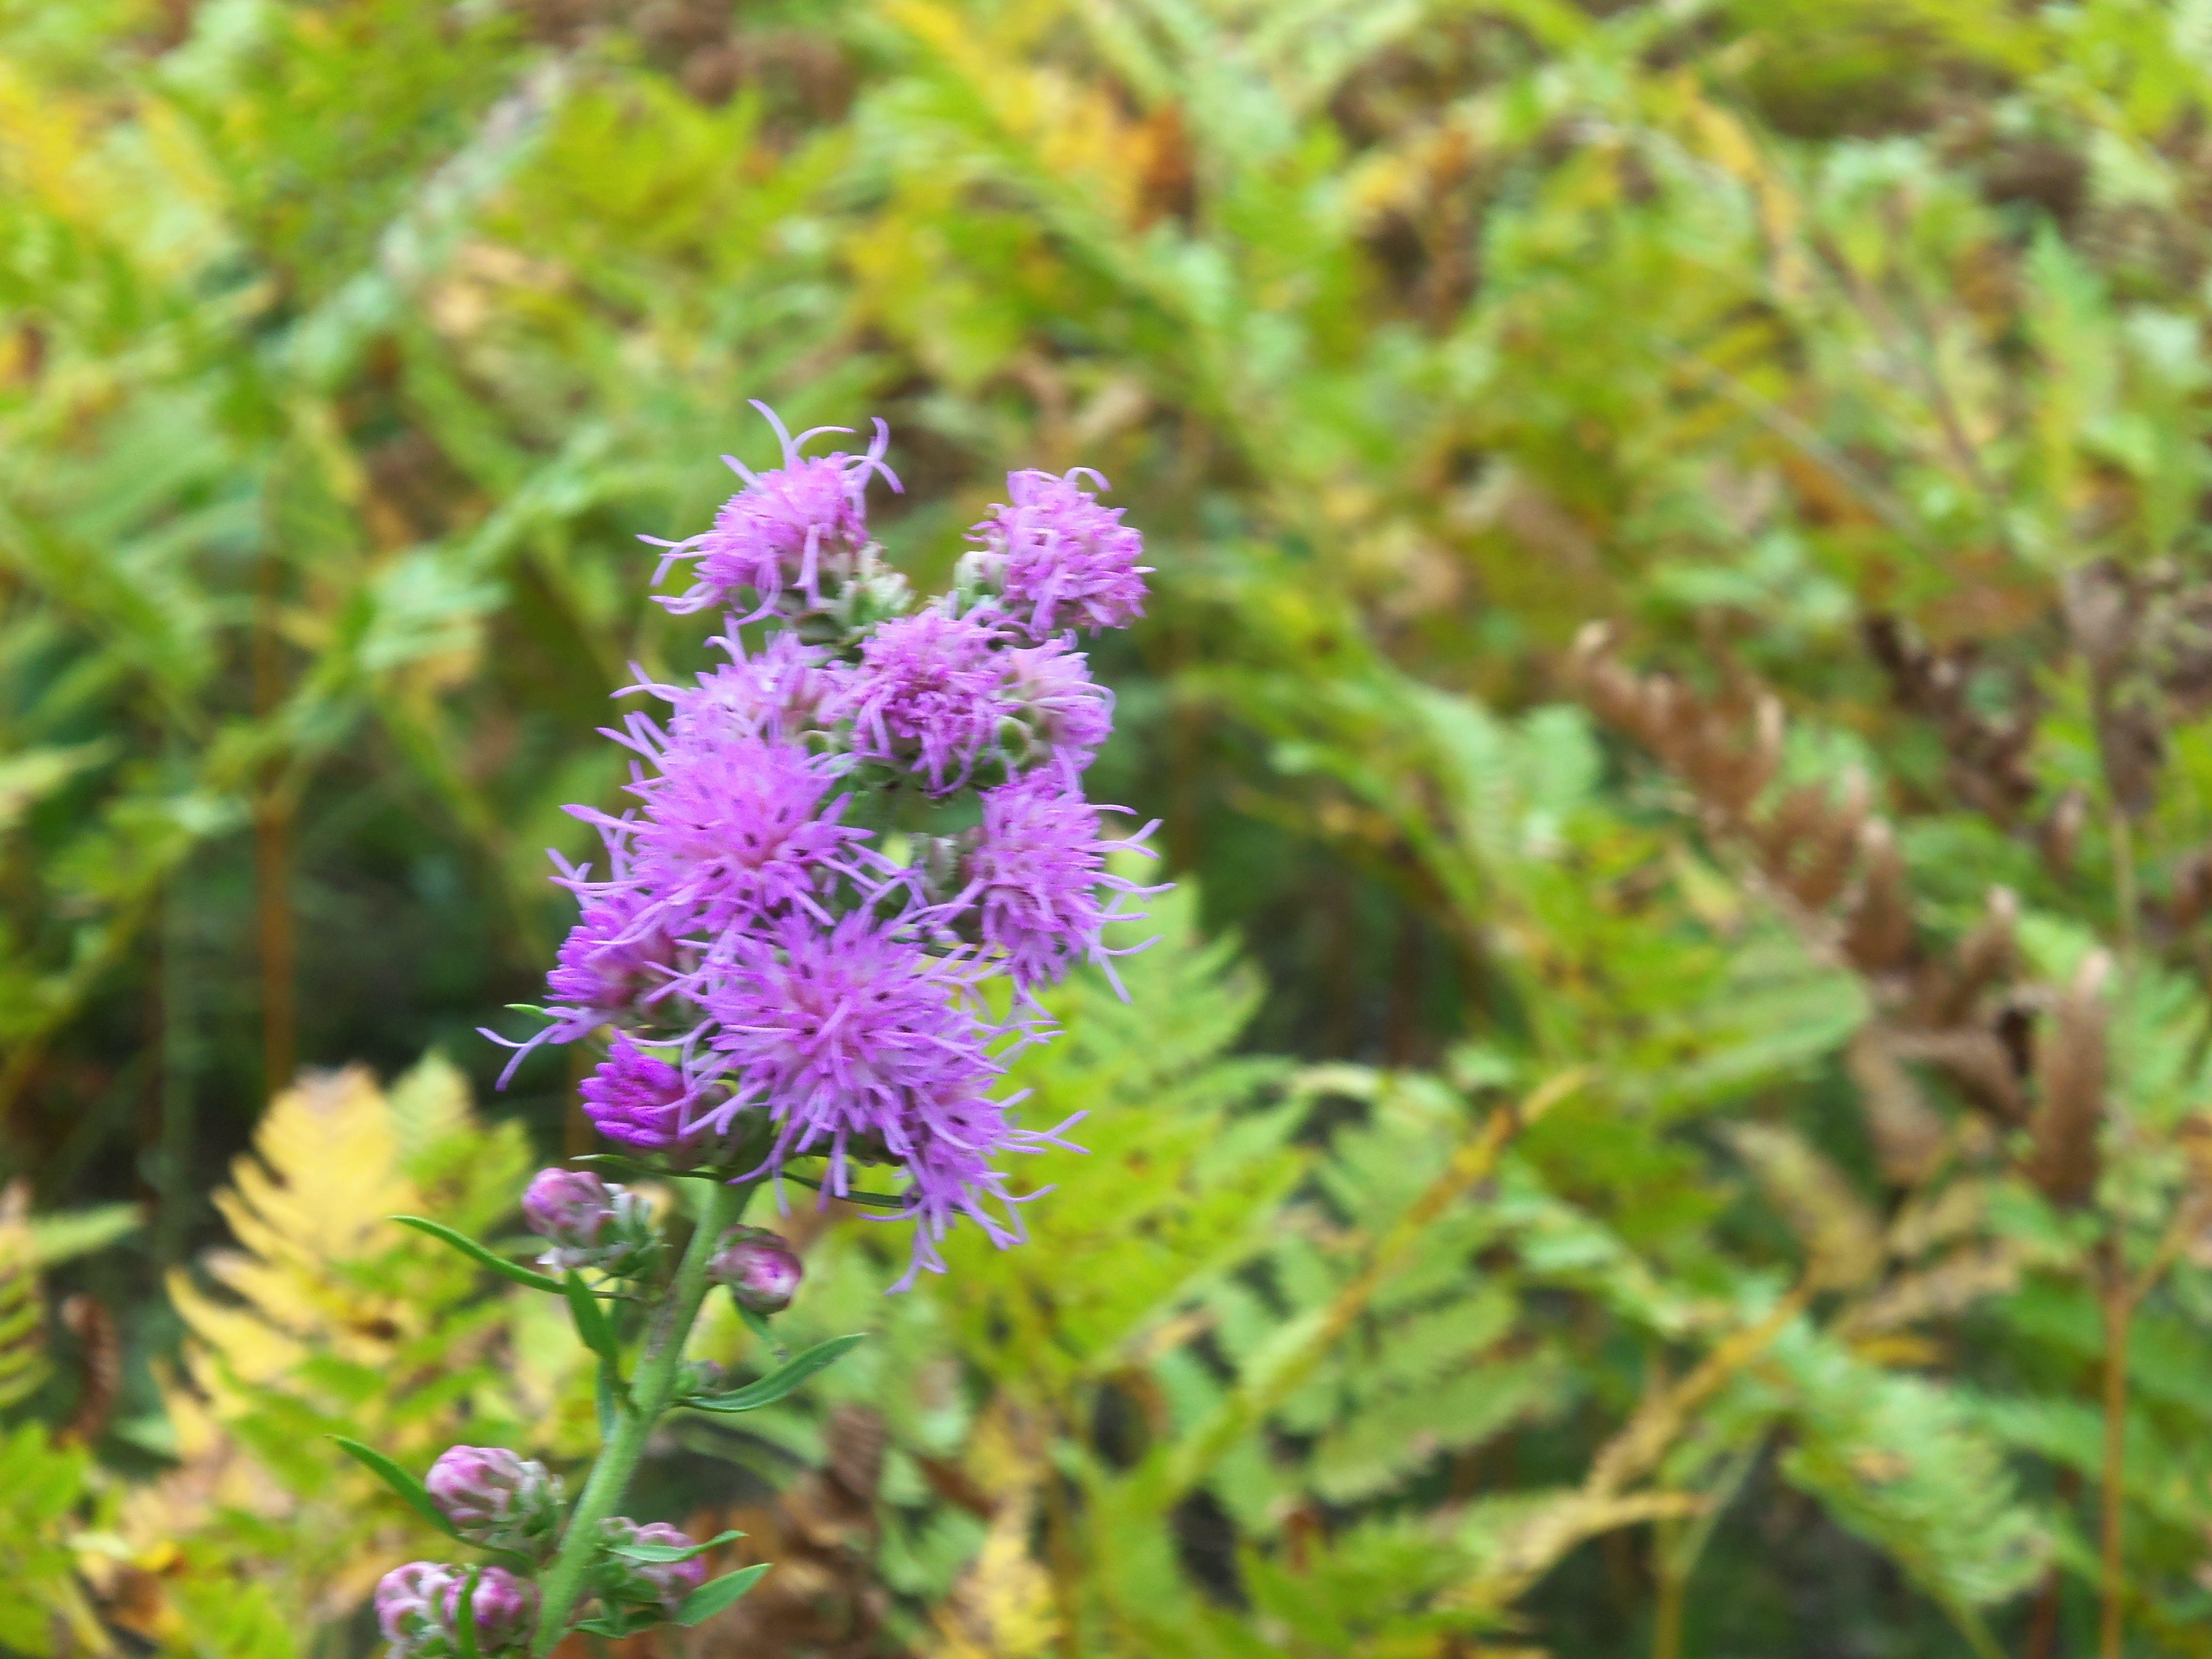 Beautiful purple flowering weed plants flowers even